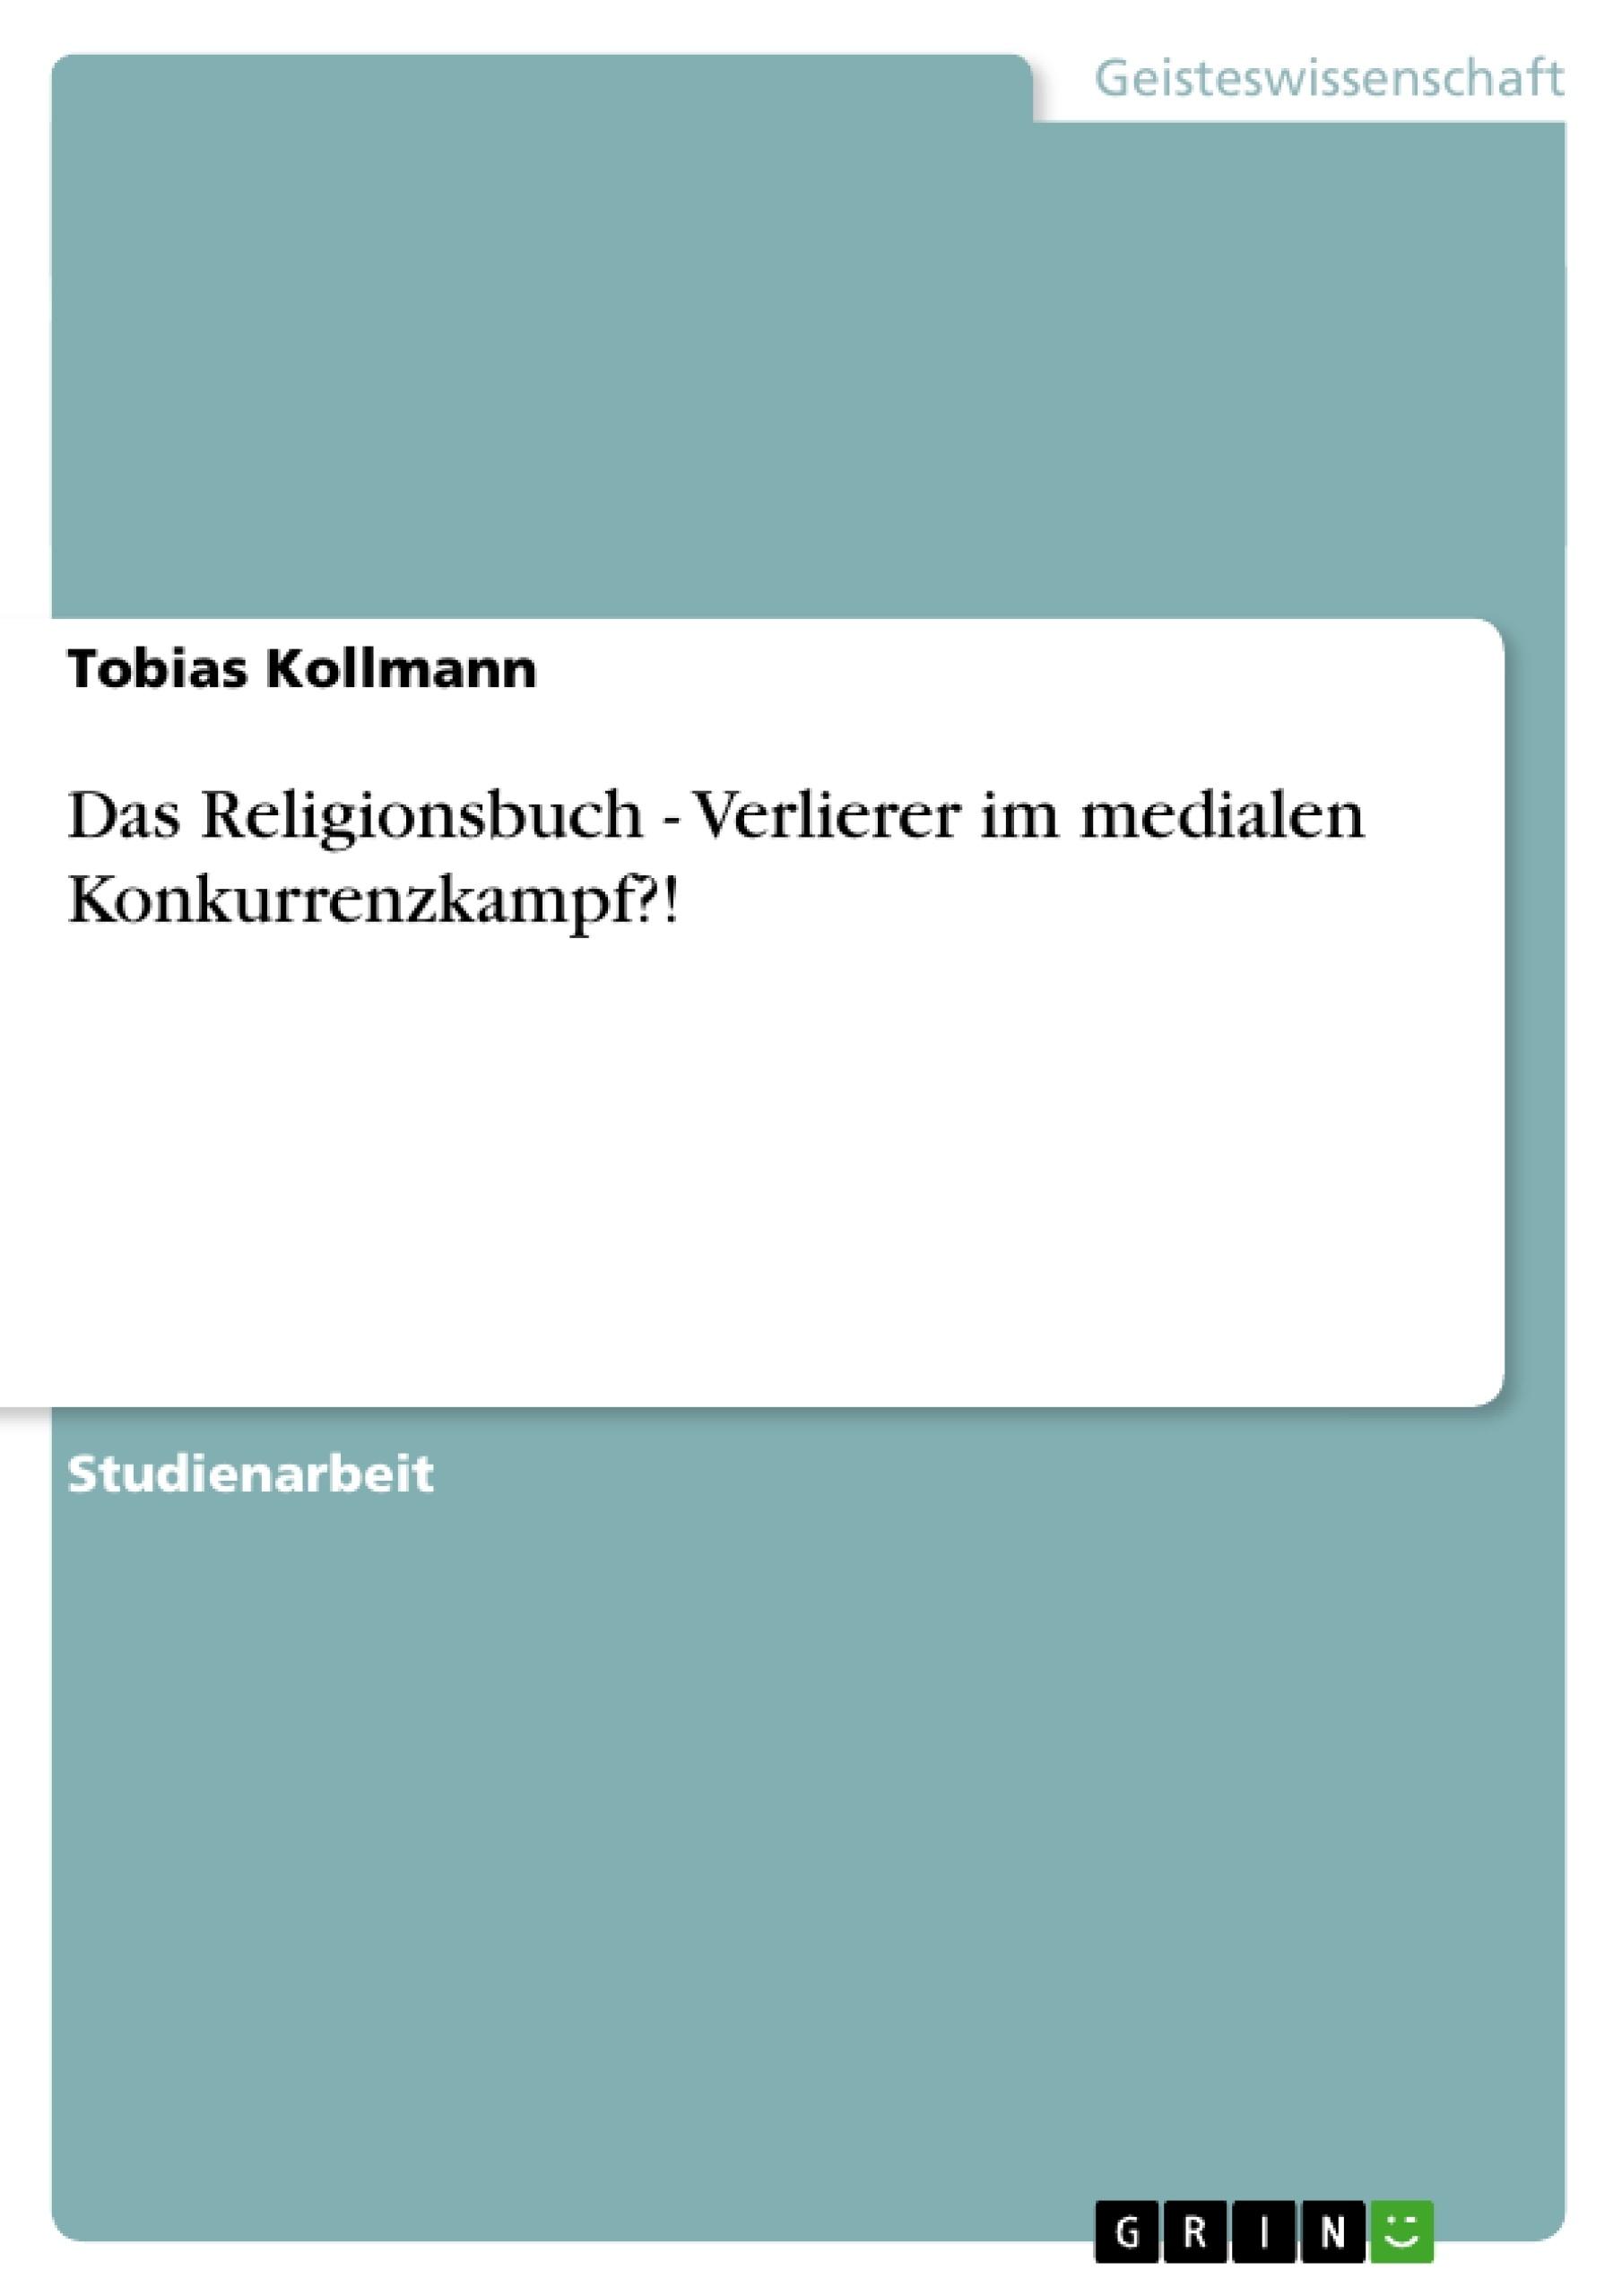 Titel: Das Religionsbuch - Verlierer im medialen Konkurrenzkampf?!